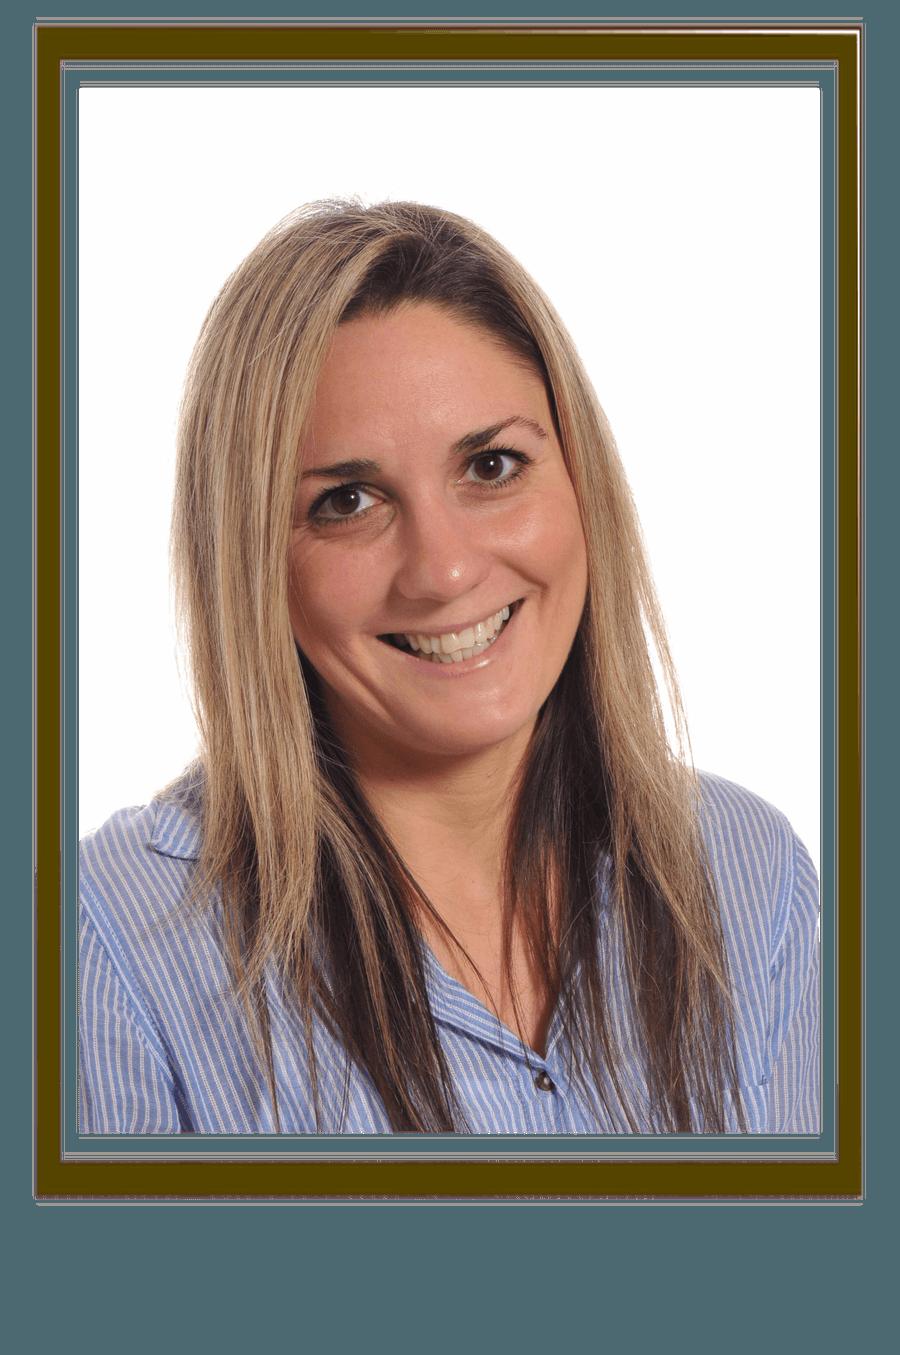 Jenn Batten - Admin & Finance  Officer